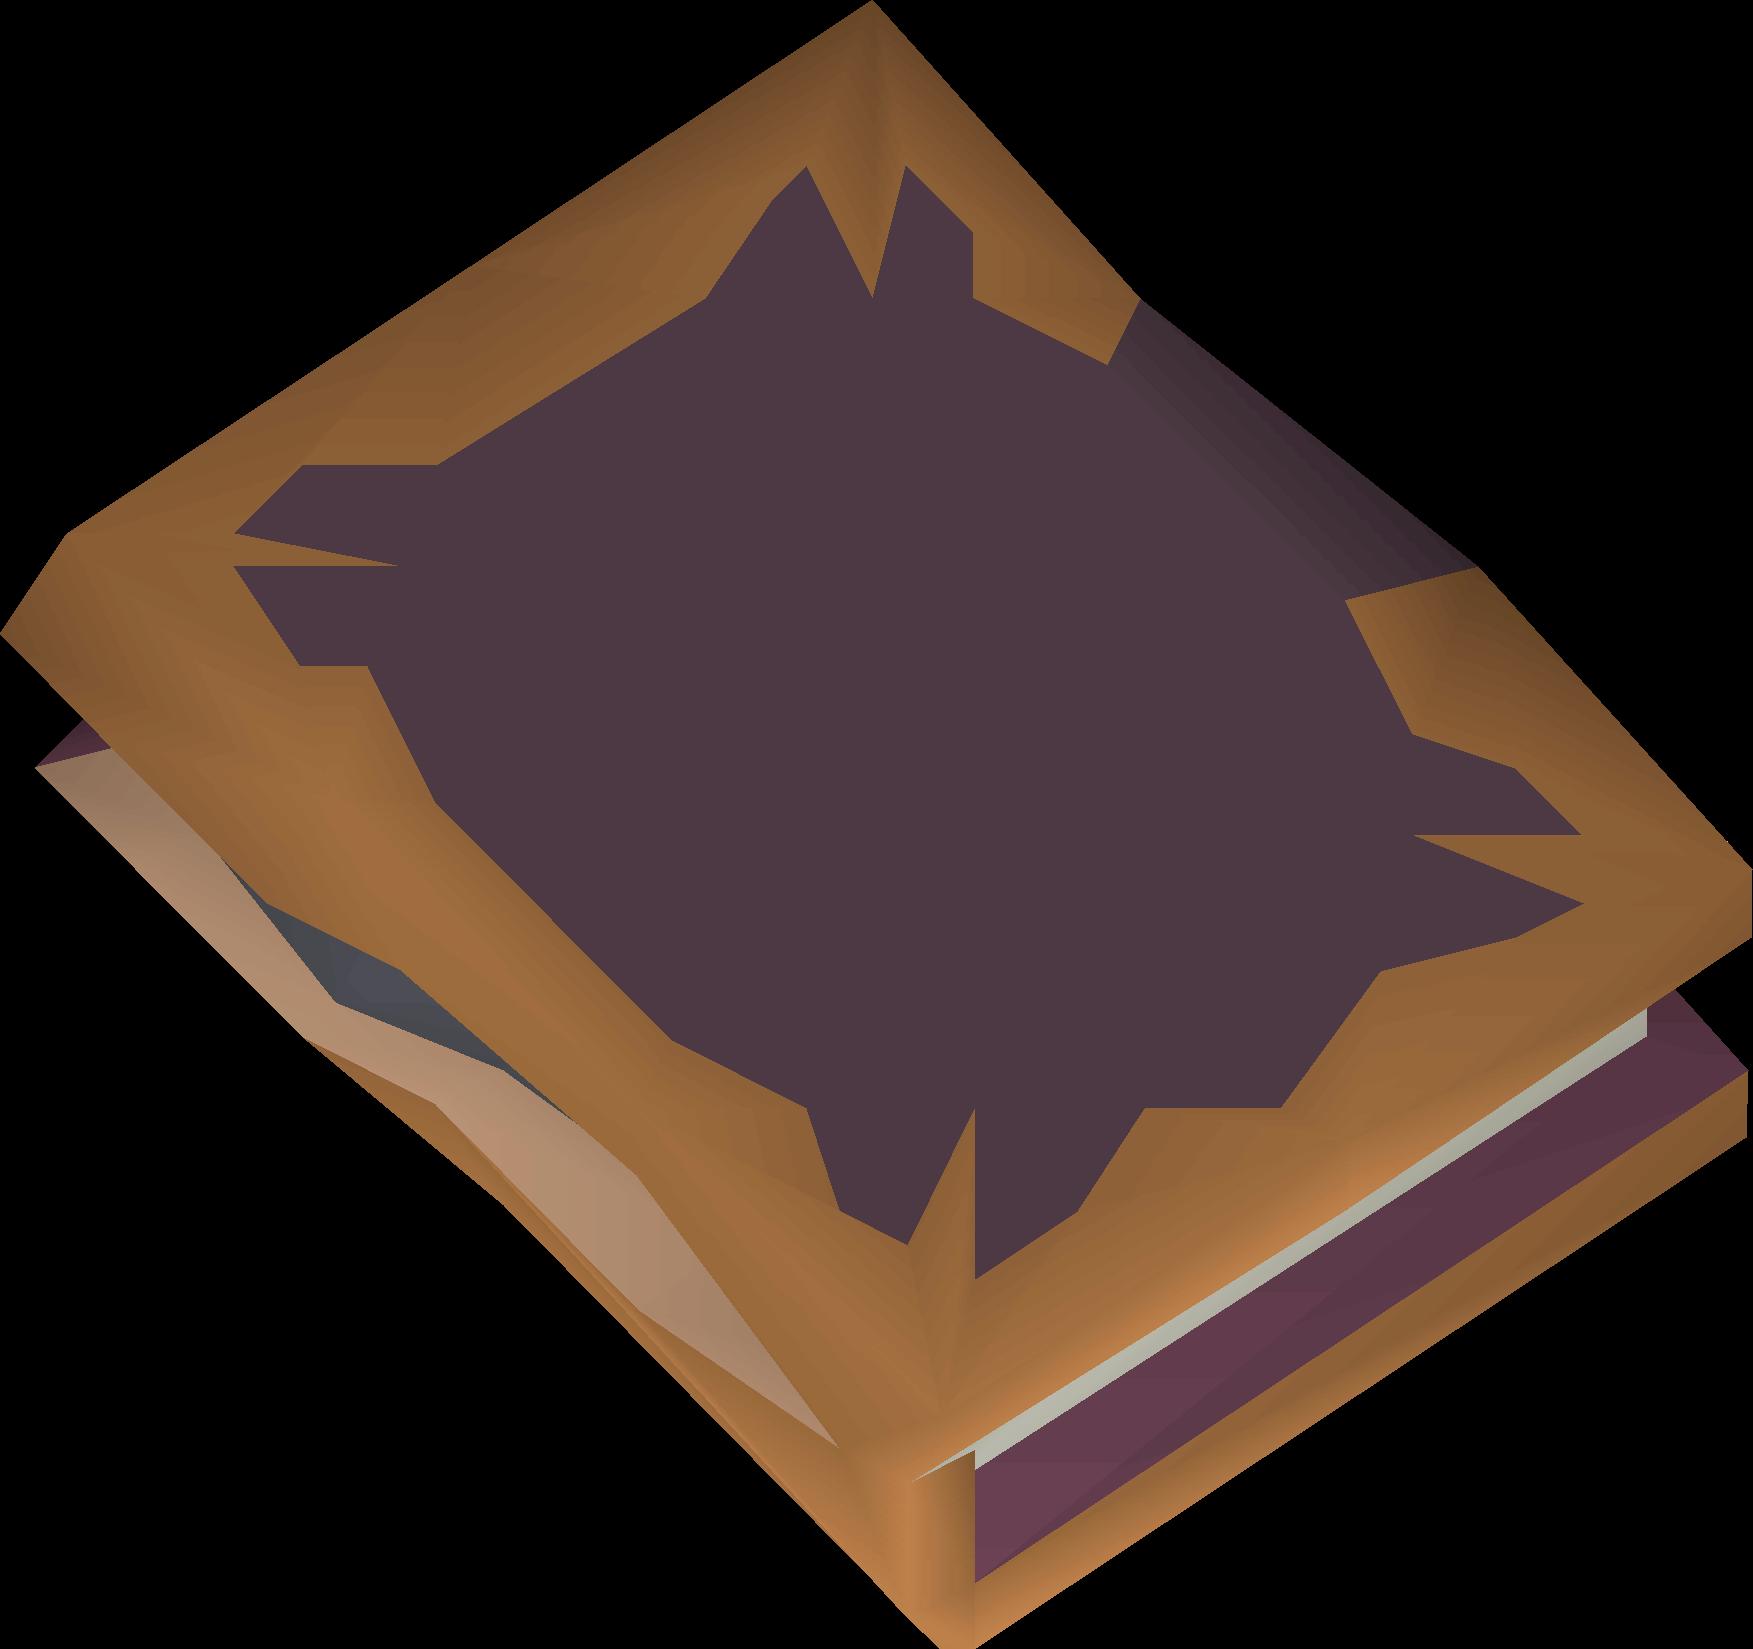 Slashed book